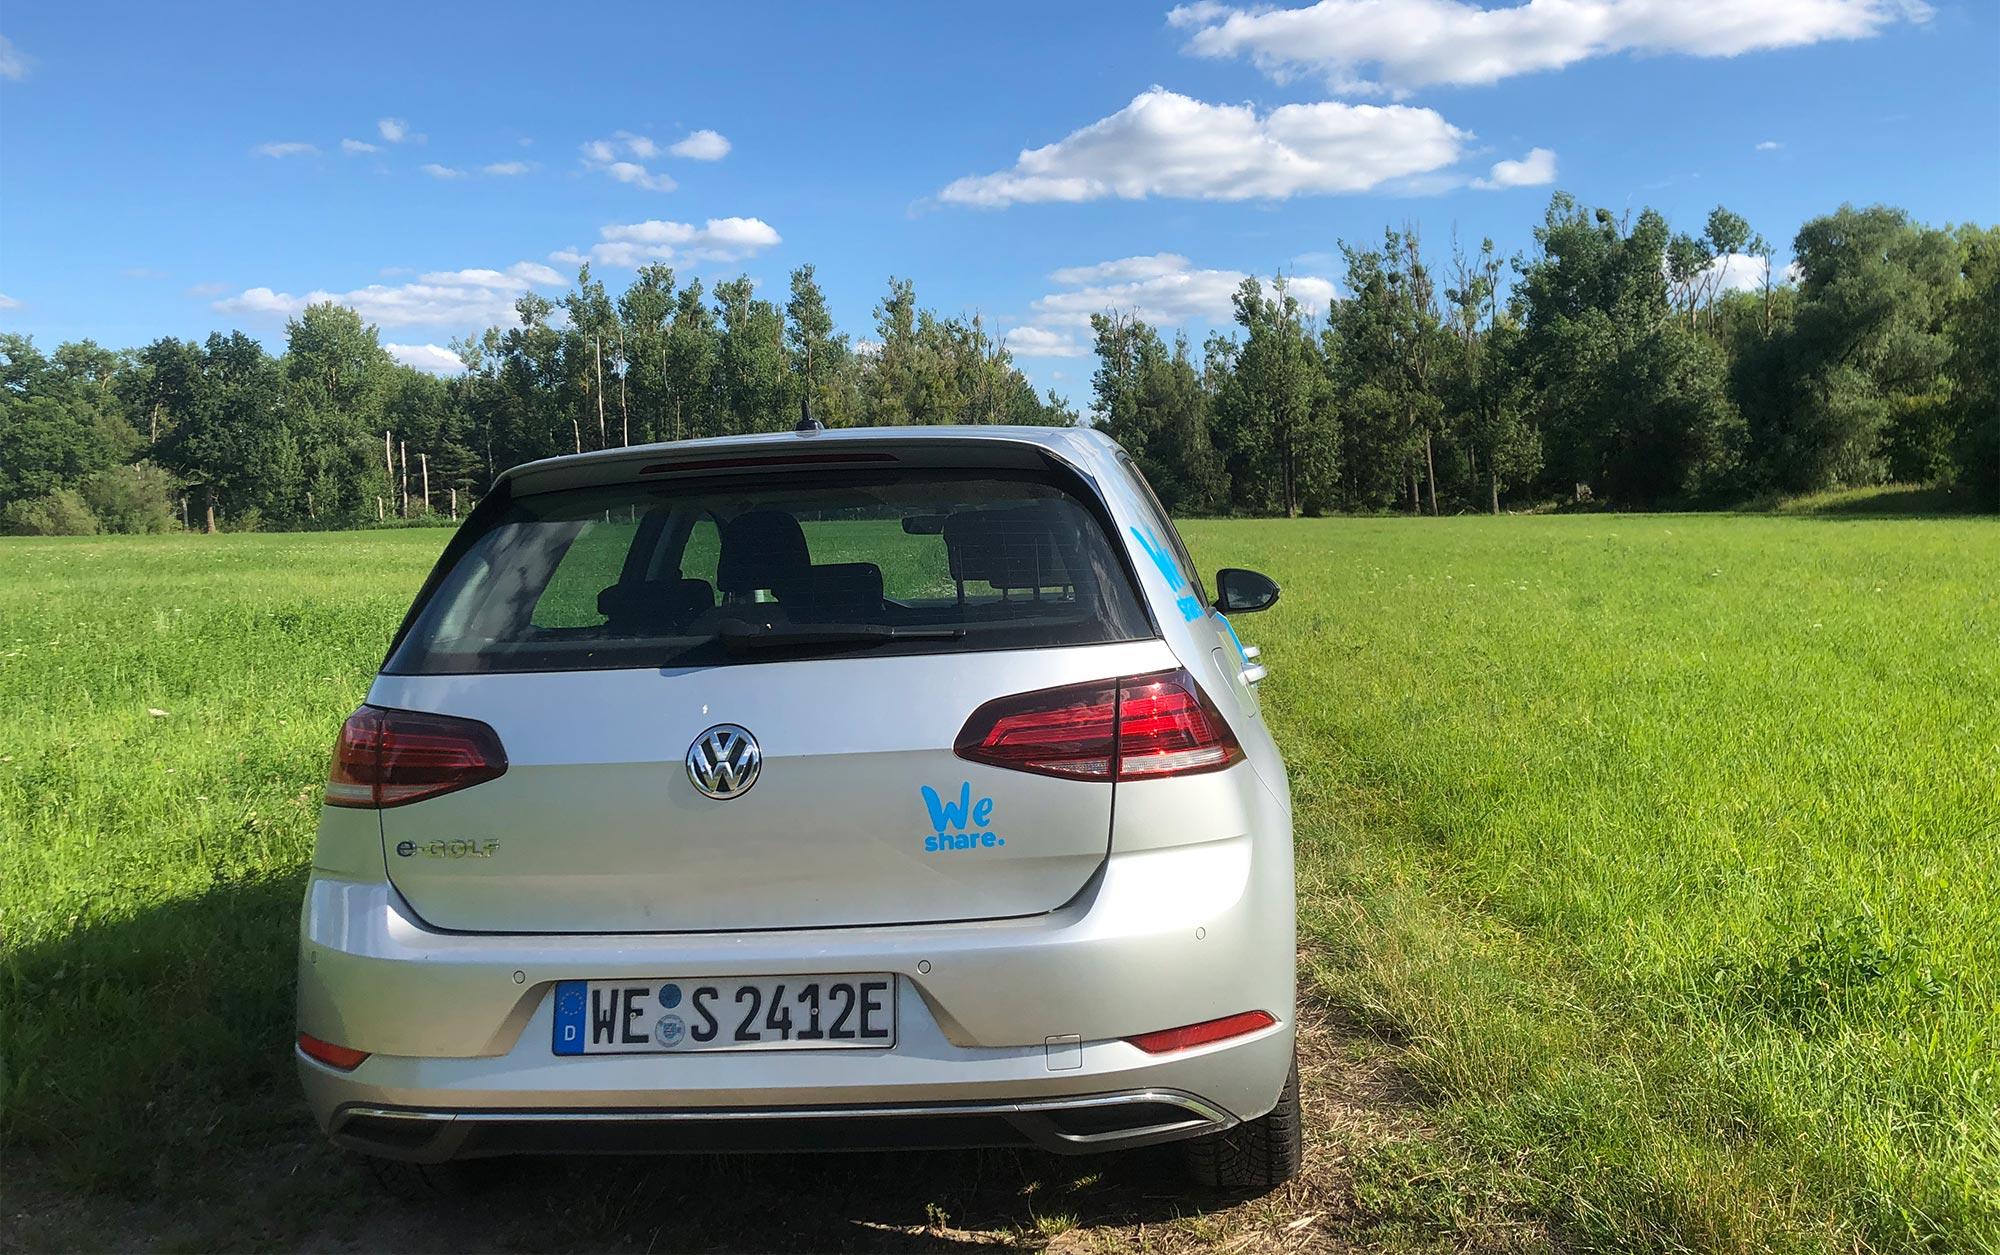 Mit WeShare emissionsfrei zur Workation ins Grüne fahren